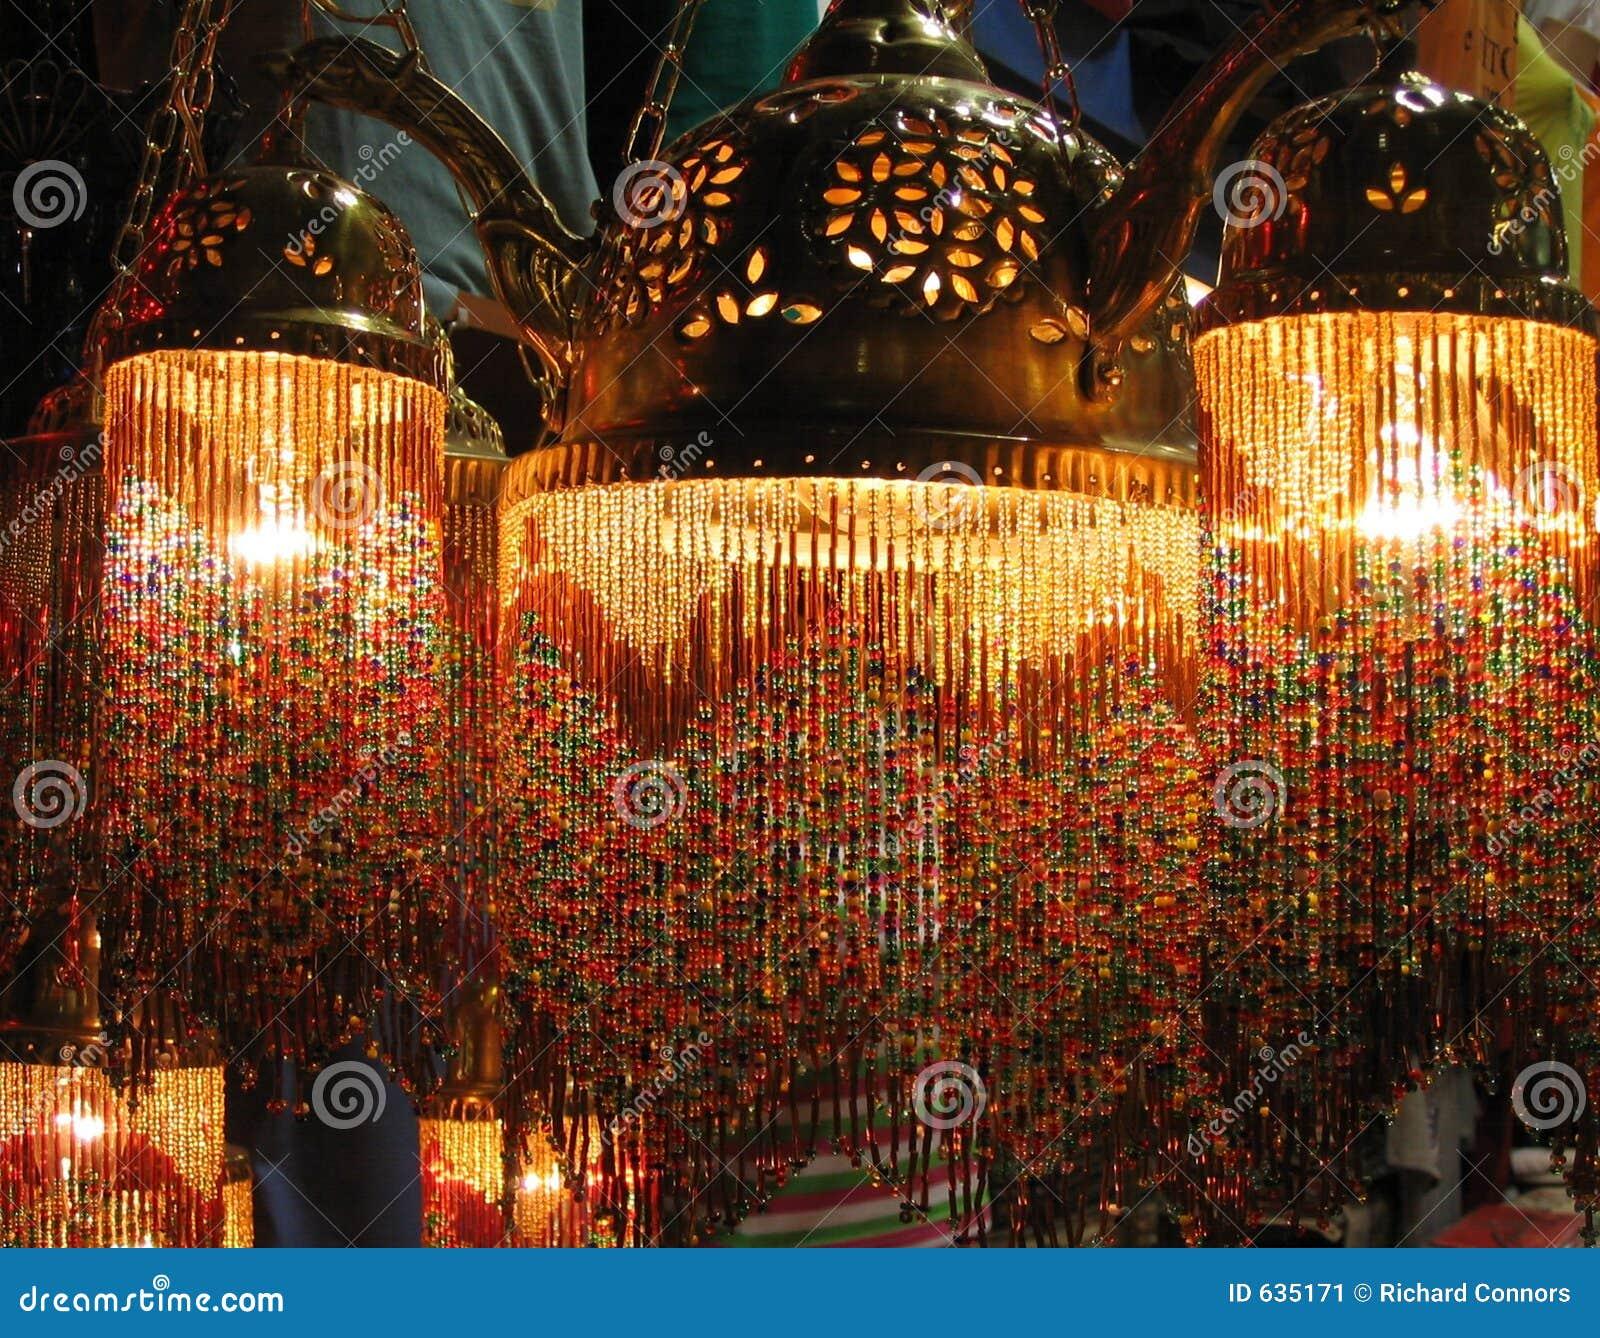 Download Turkish индюка светильников Istanbul базара цветастый грандиозный Стоковое Изображение - изображение насчитывающей каникула, светильник: 635171